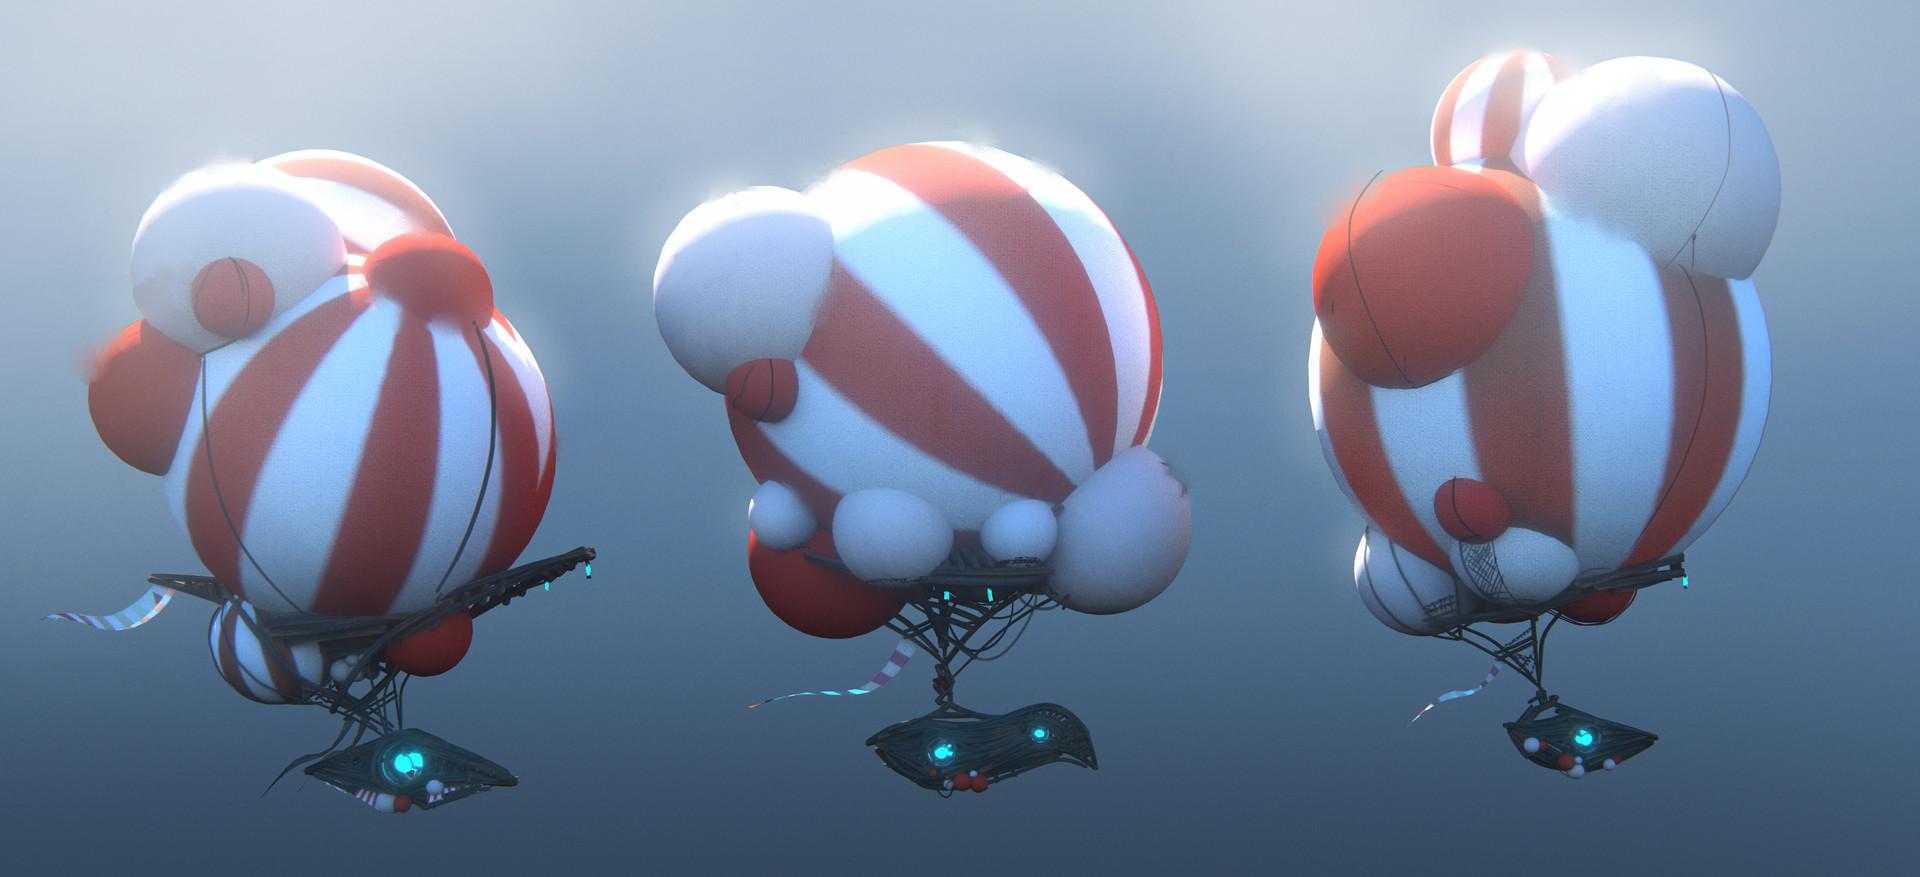 Leon tukker ballloons